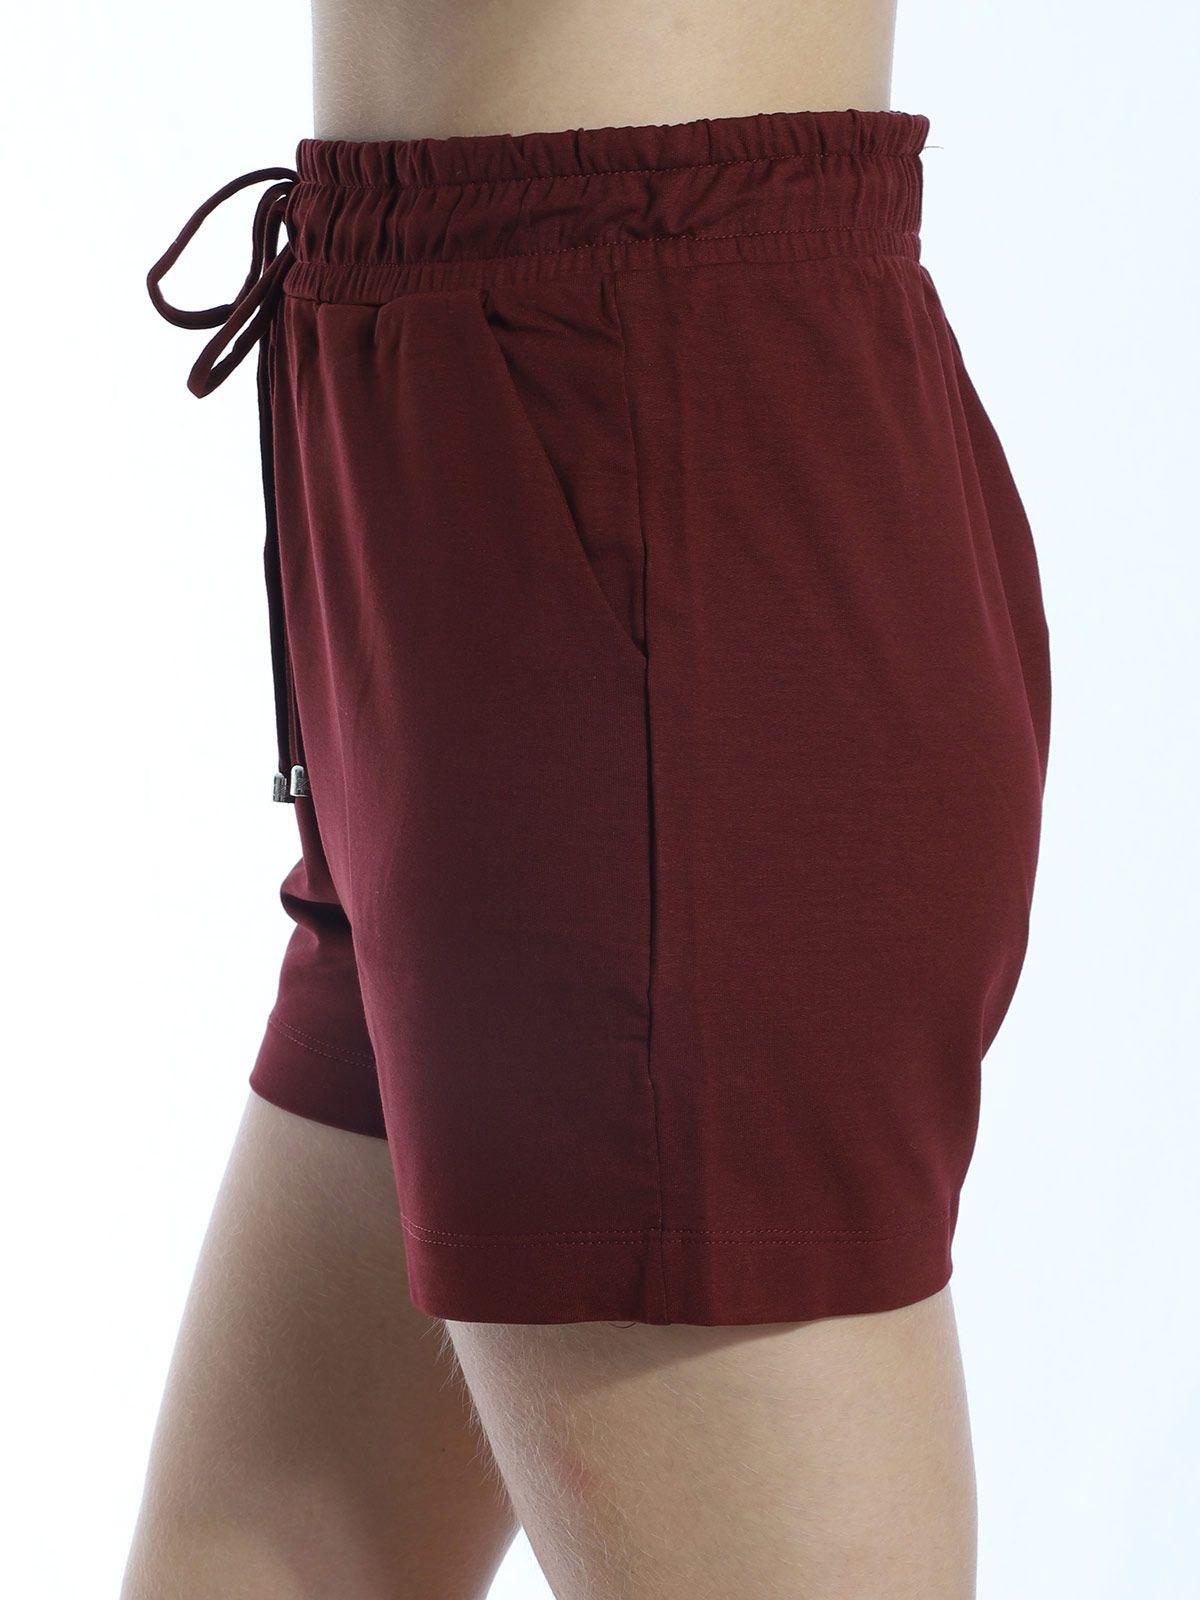 Shorts De Moletinho Com Lycra Anistia Bordo